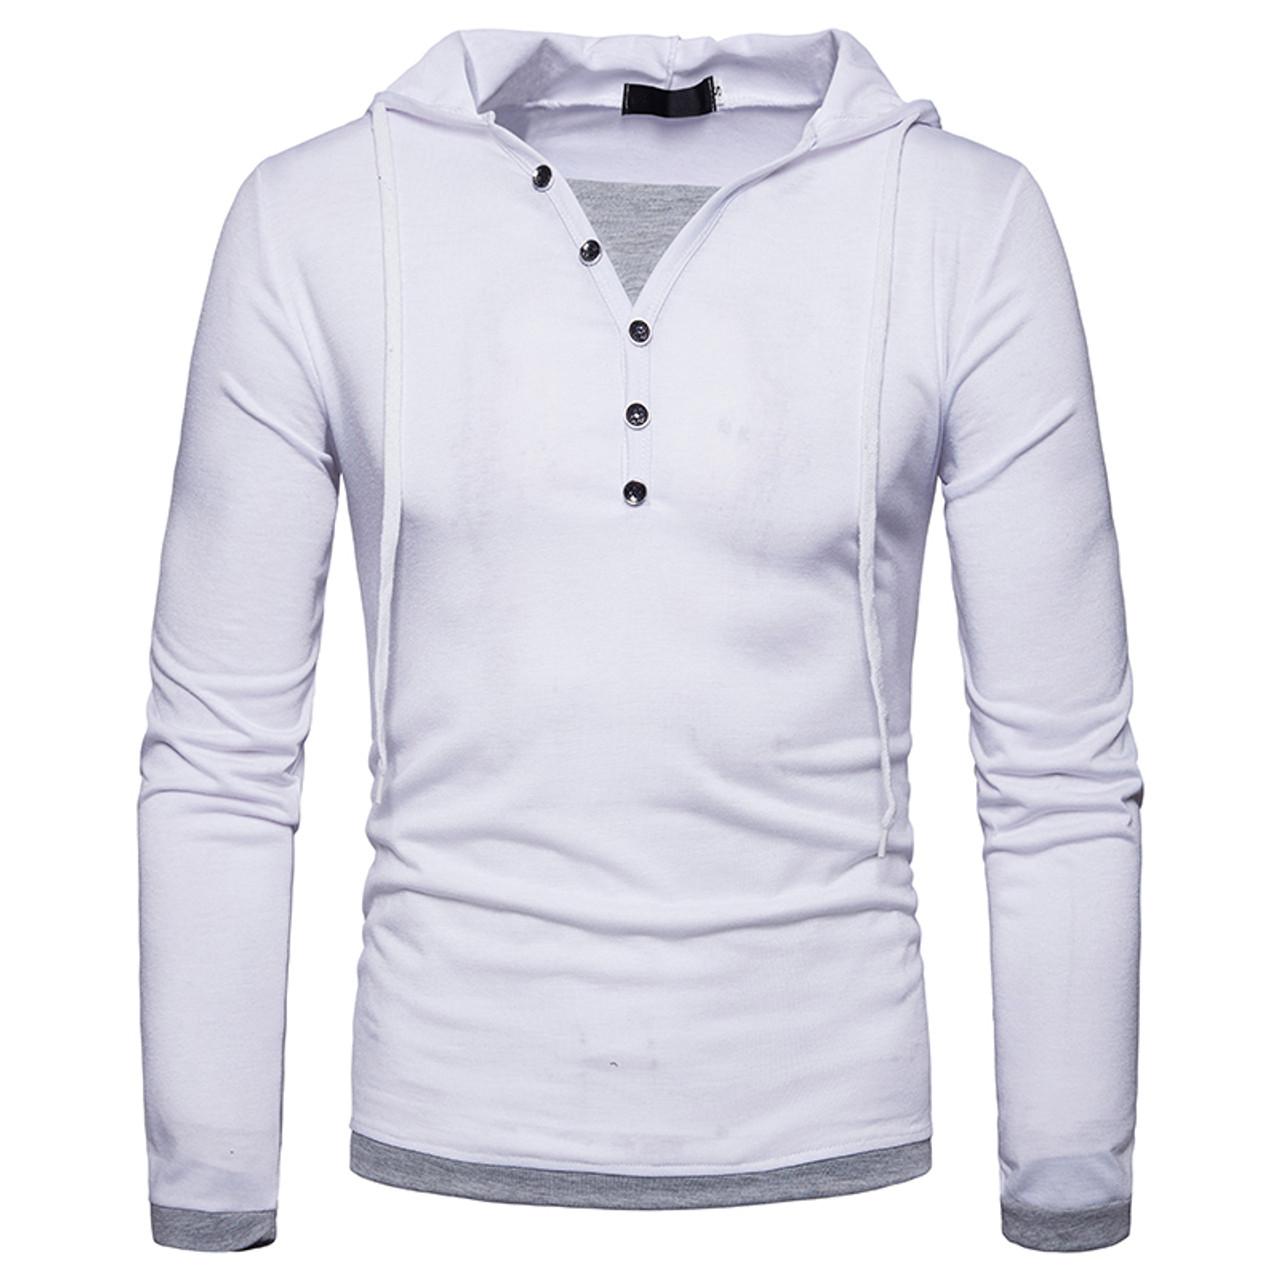 e4c7db432 New Arrivals 2018 T-shirt style men fashion slim Buttons decoration Men's  popular patchwork color ...